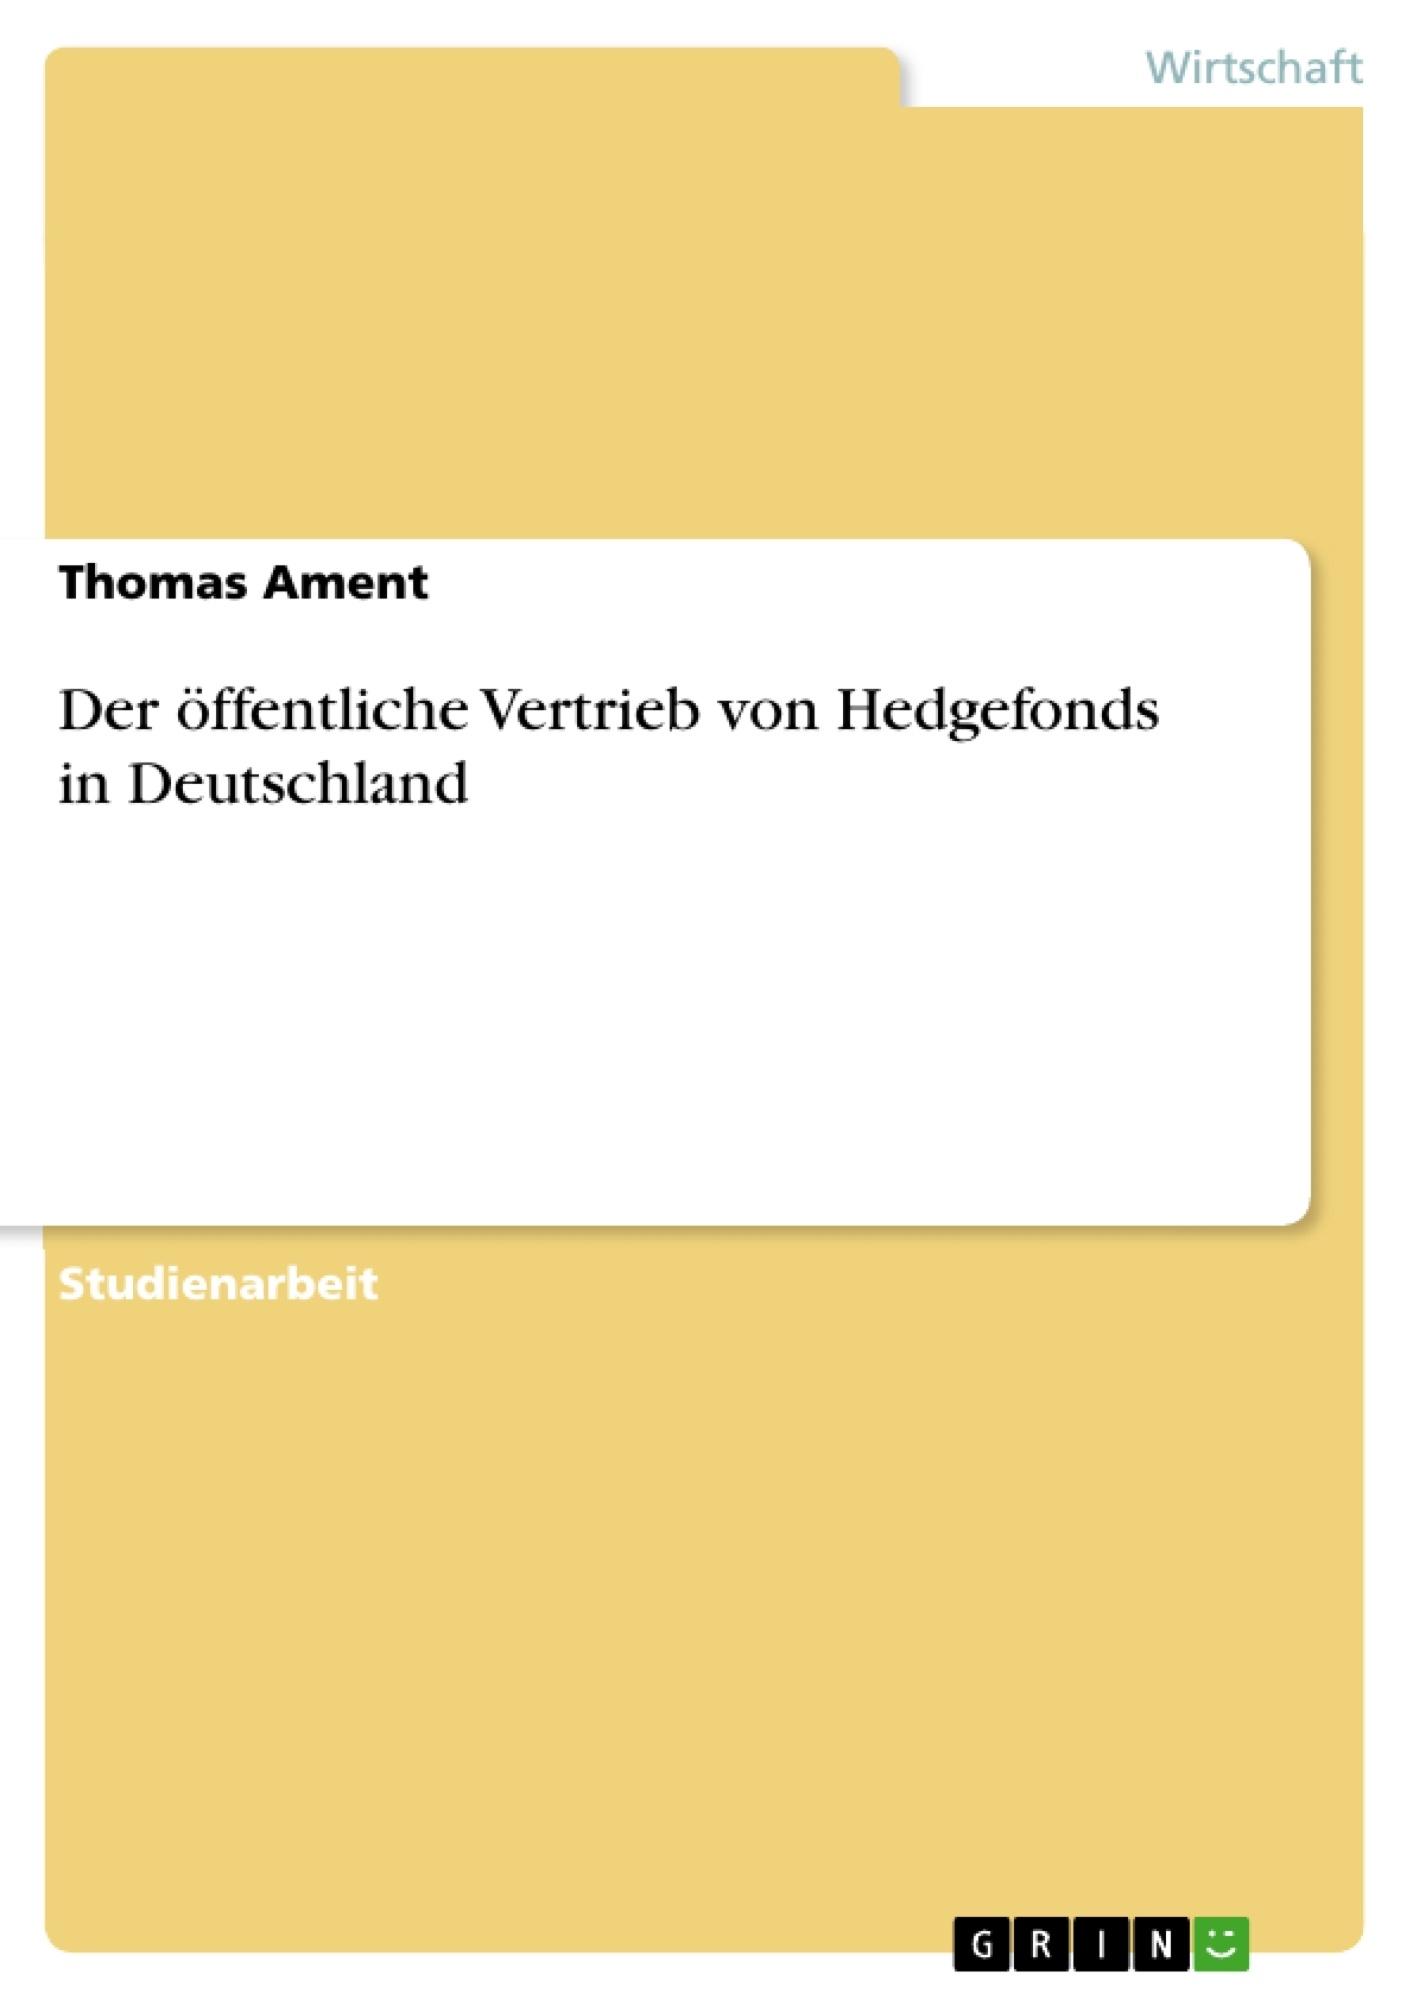 Titel: Der öffentliche Vertrieb von Hedgefonds in Deutschland